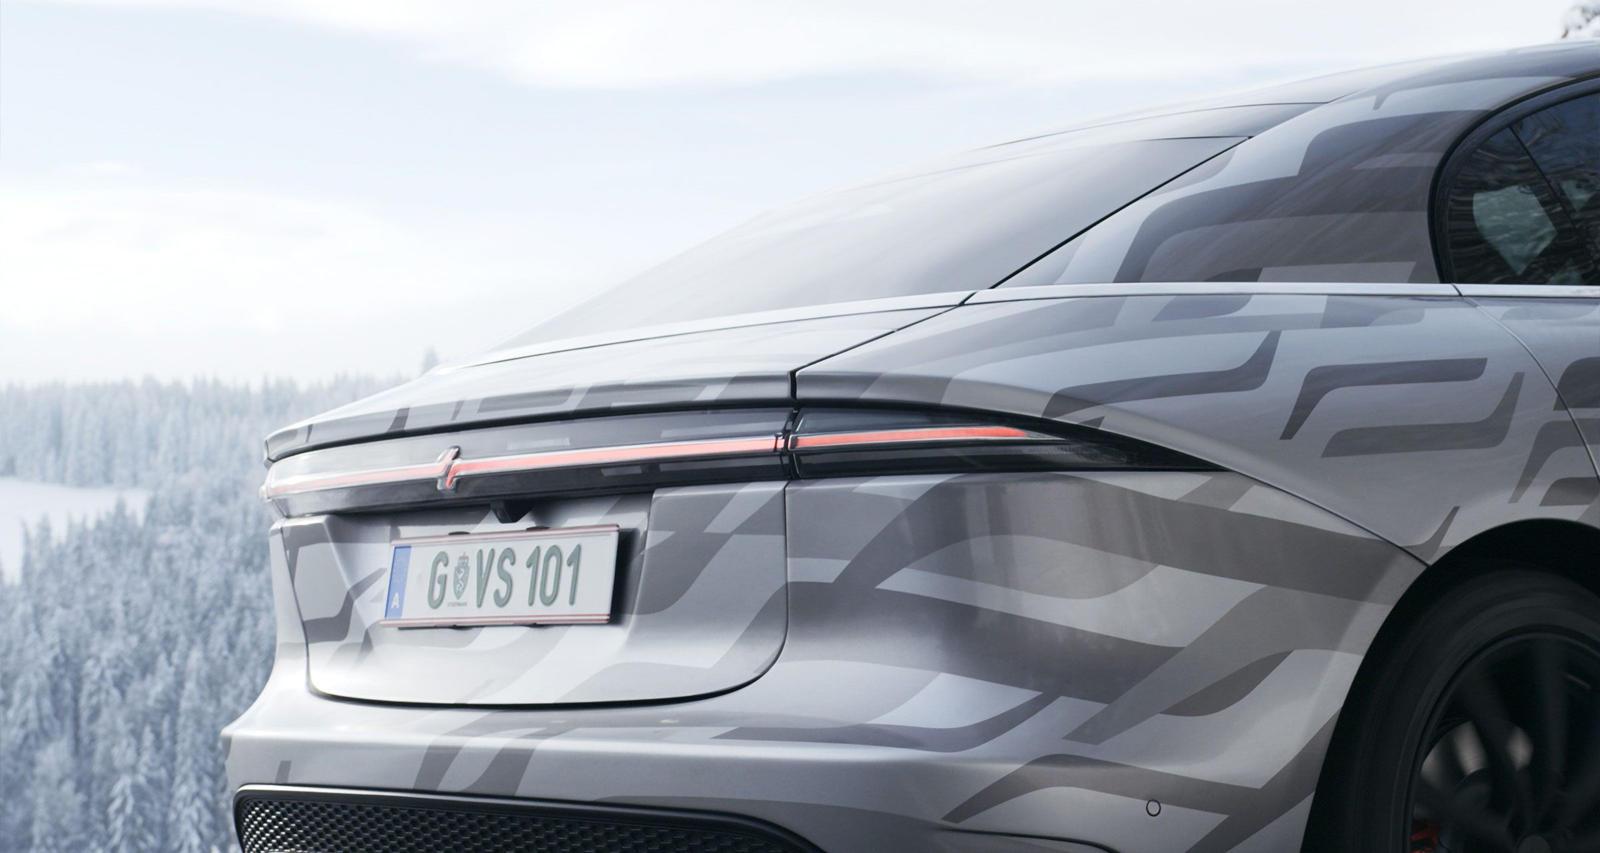 Sony может упустить огромную возможность здесь, поскольку конкурирующий технологический гигант Apple готовится запустить свой собственный электромобиль уже в 2024 году, но, по крайней мере, автомобиль будет продолжать вносить свой вклад в развитие но